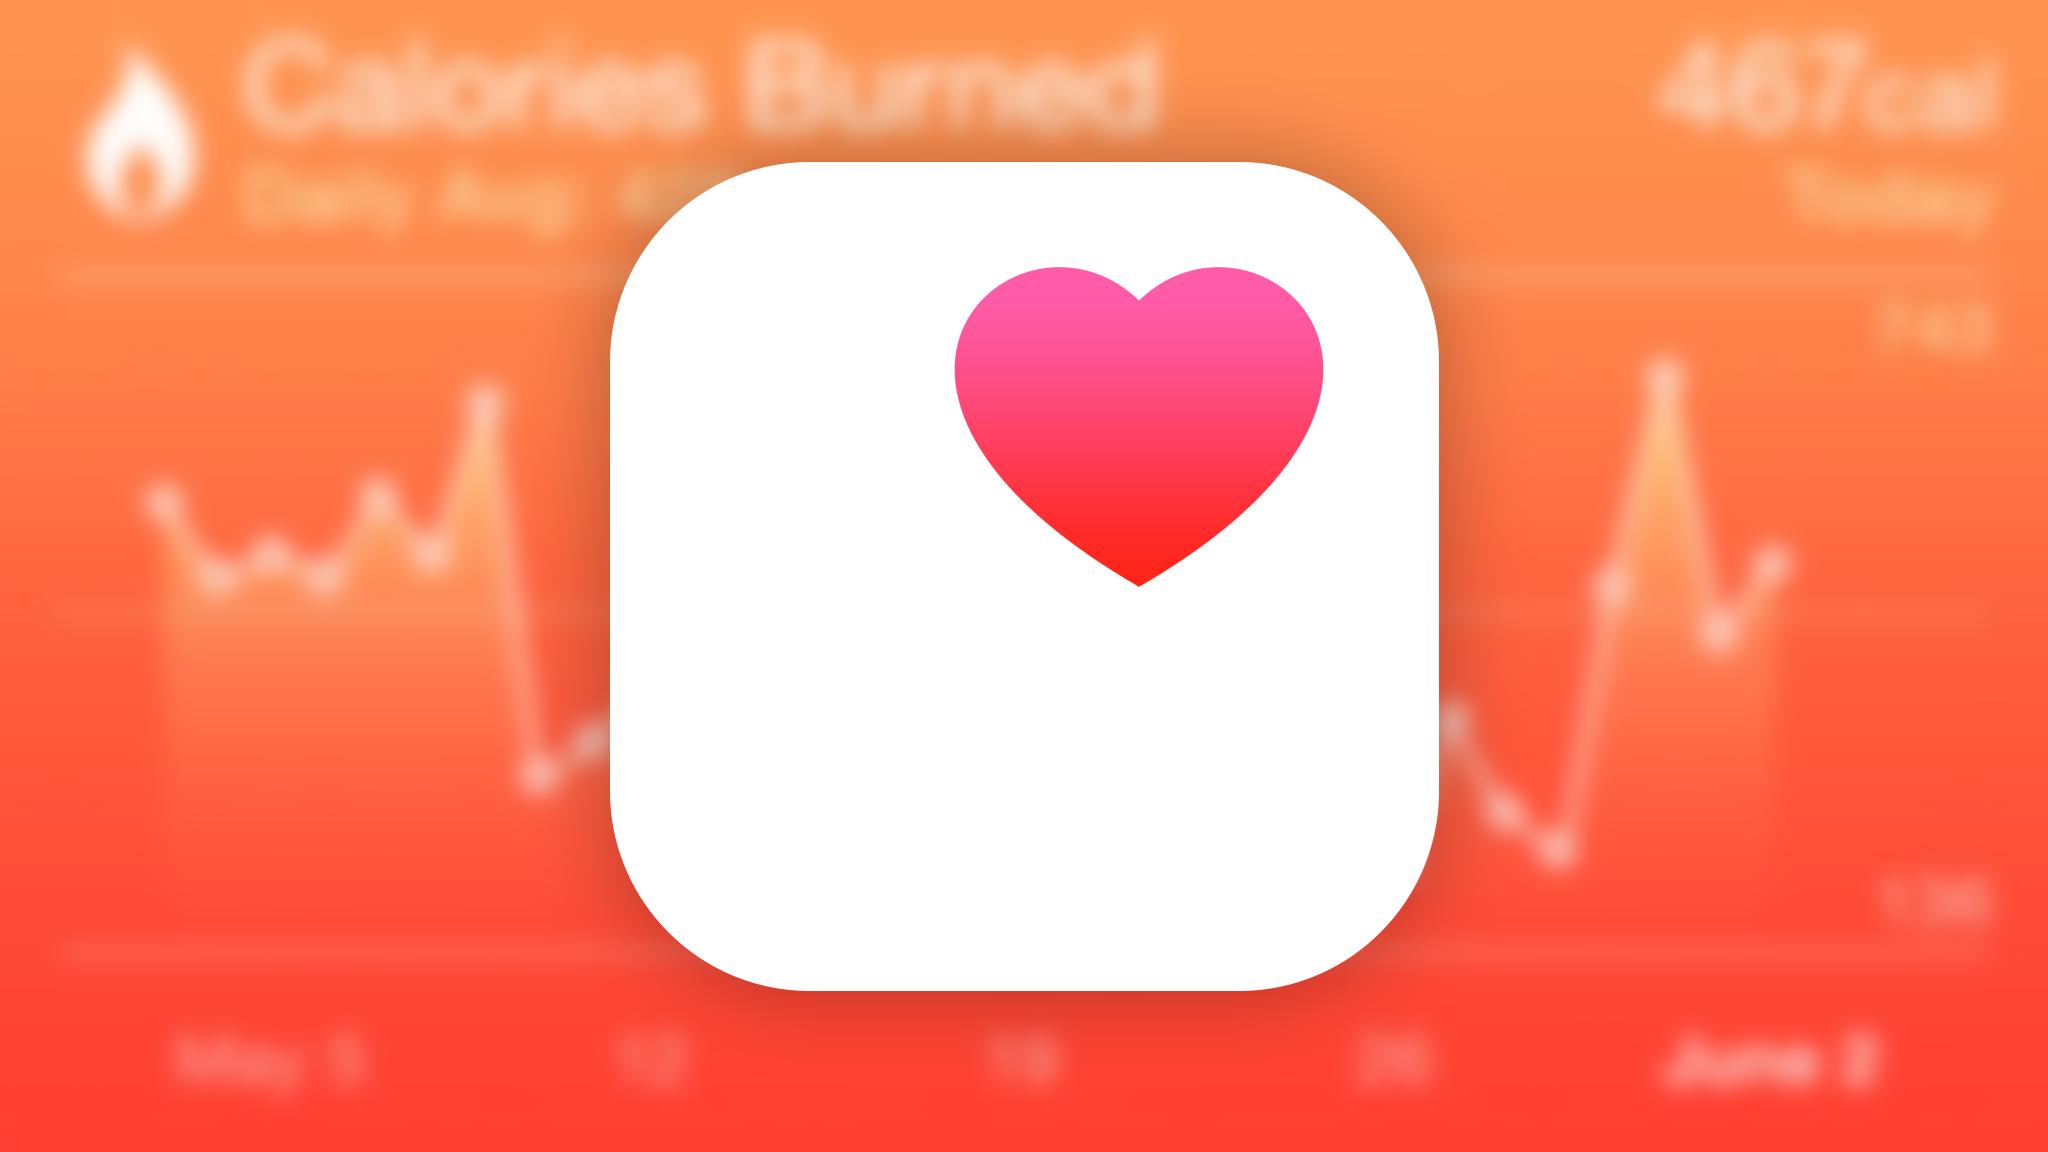 10 mobil app futóknak